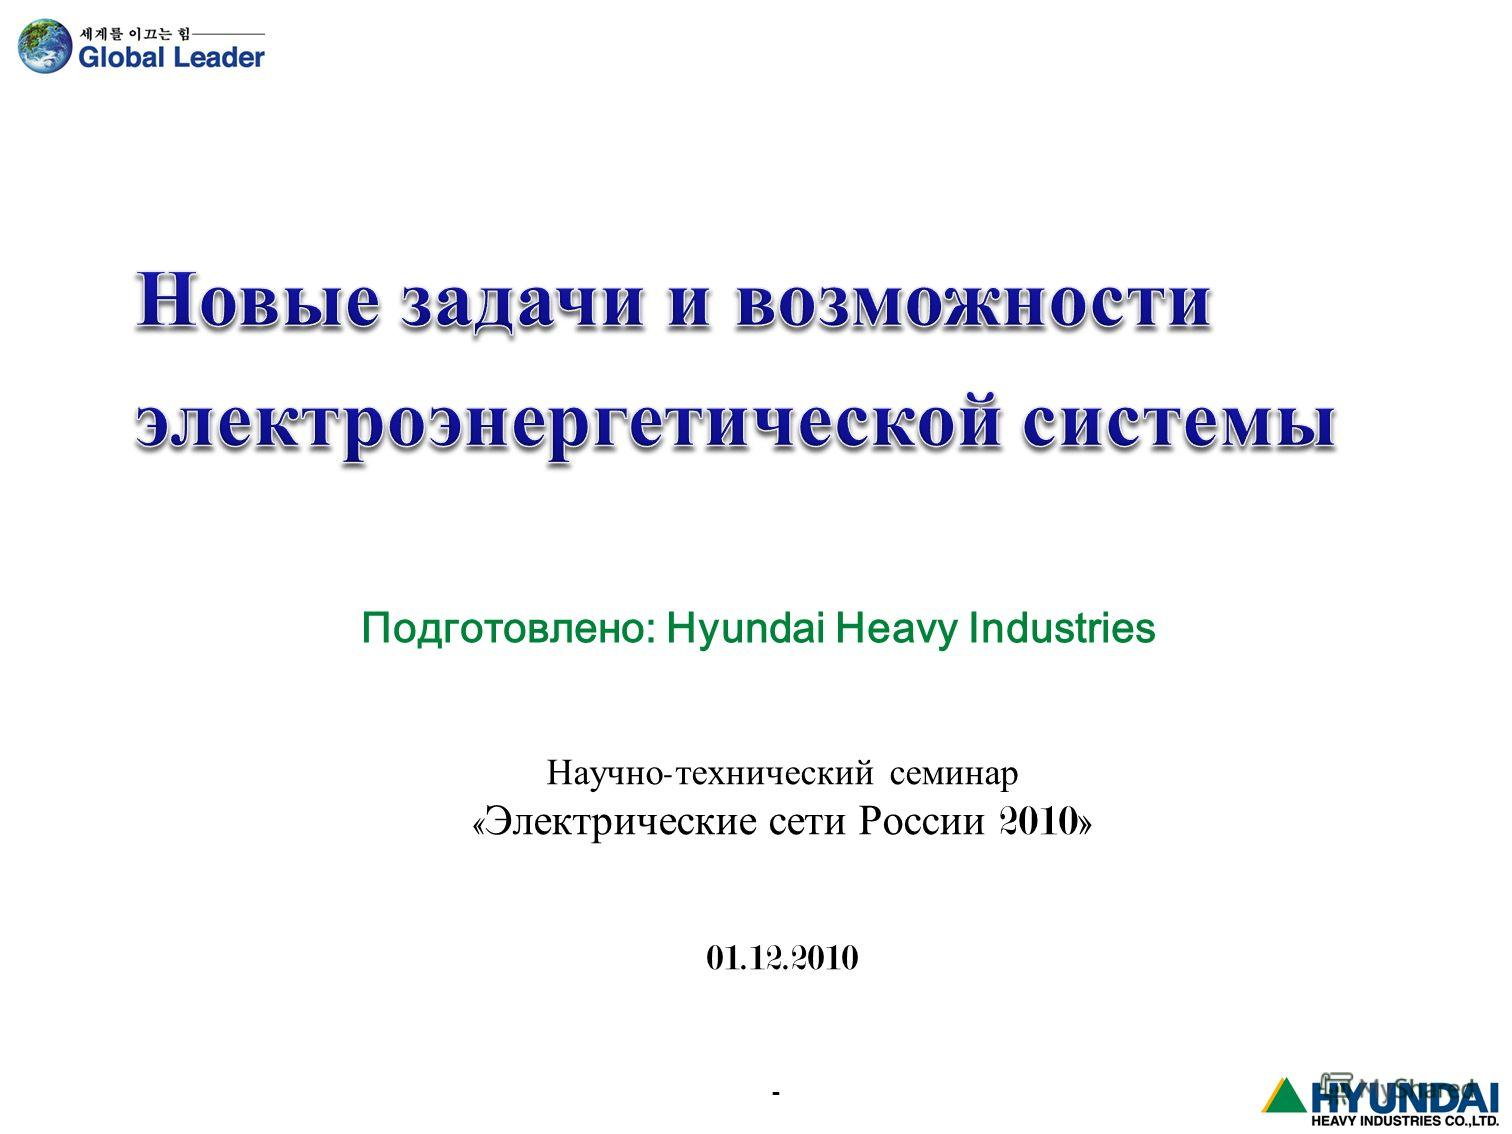 Научно - технический семинар « Электрические сети России 2010» 01.12.2010 - Подготовлено: Hyundai Heavy Industries